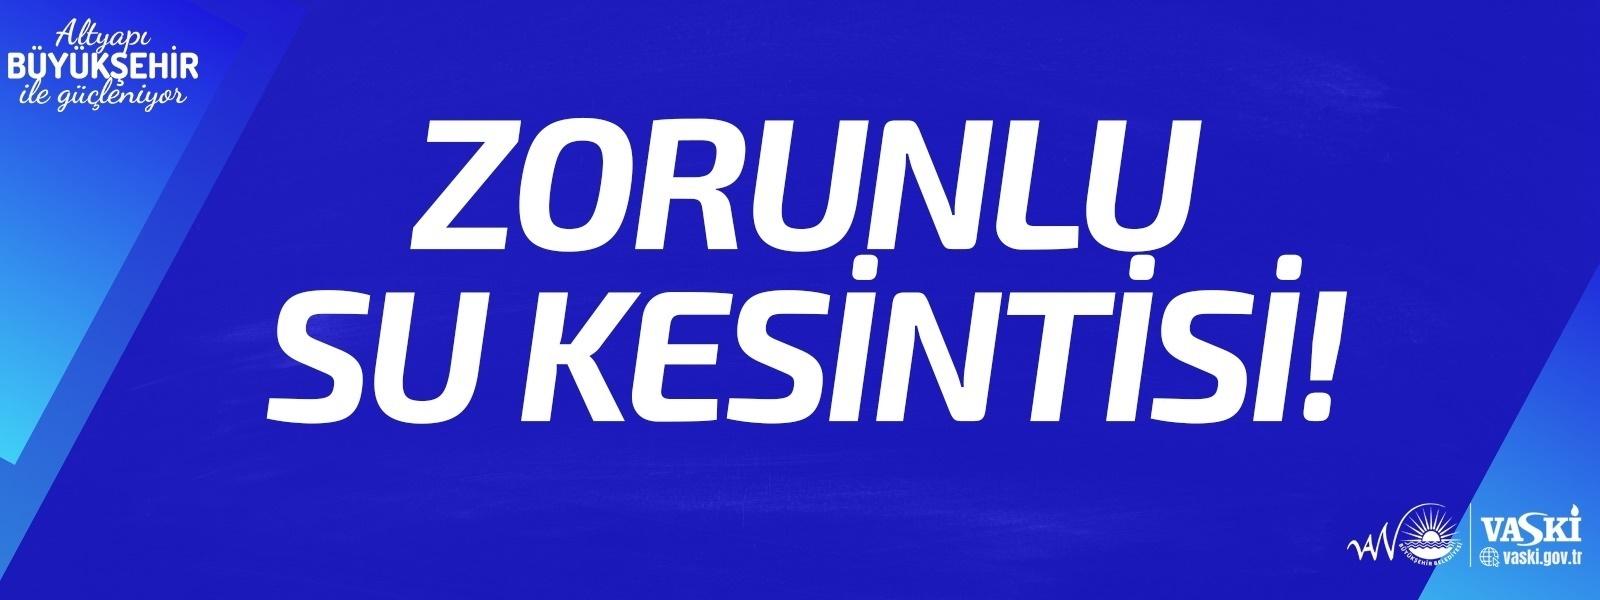 ZORUNLU SU KESİNTİSİ DUYURUSU! - Van su Ve Kanalizasyon İdaresi Genel Müdürlüğü | Vaski